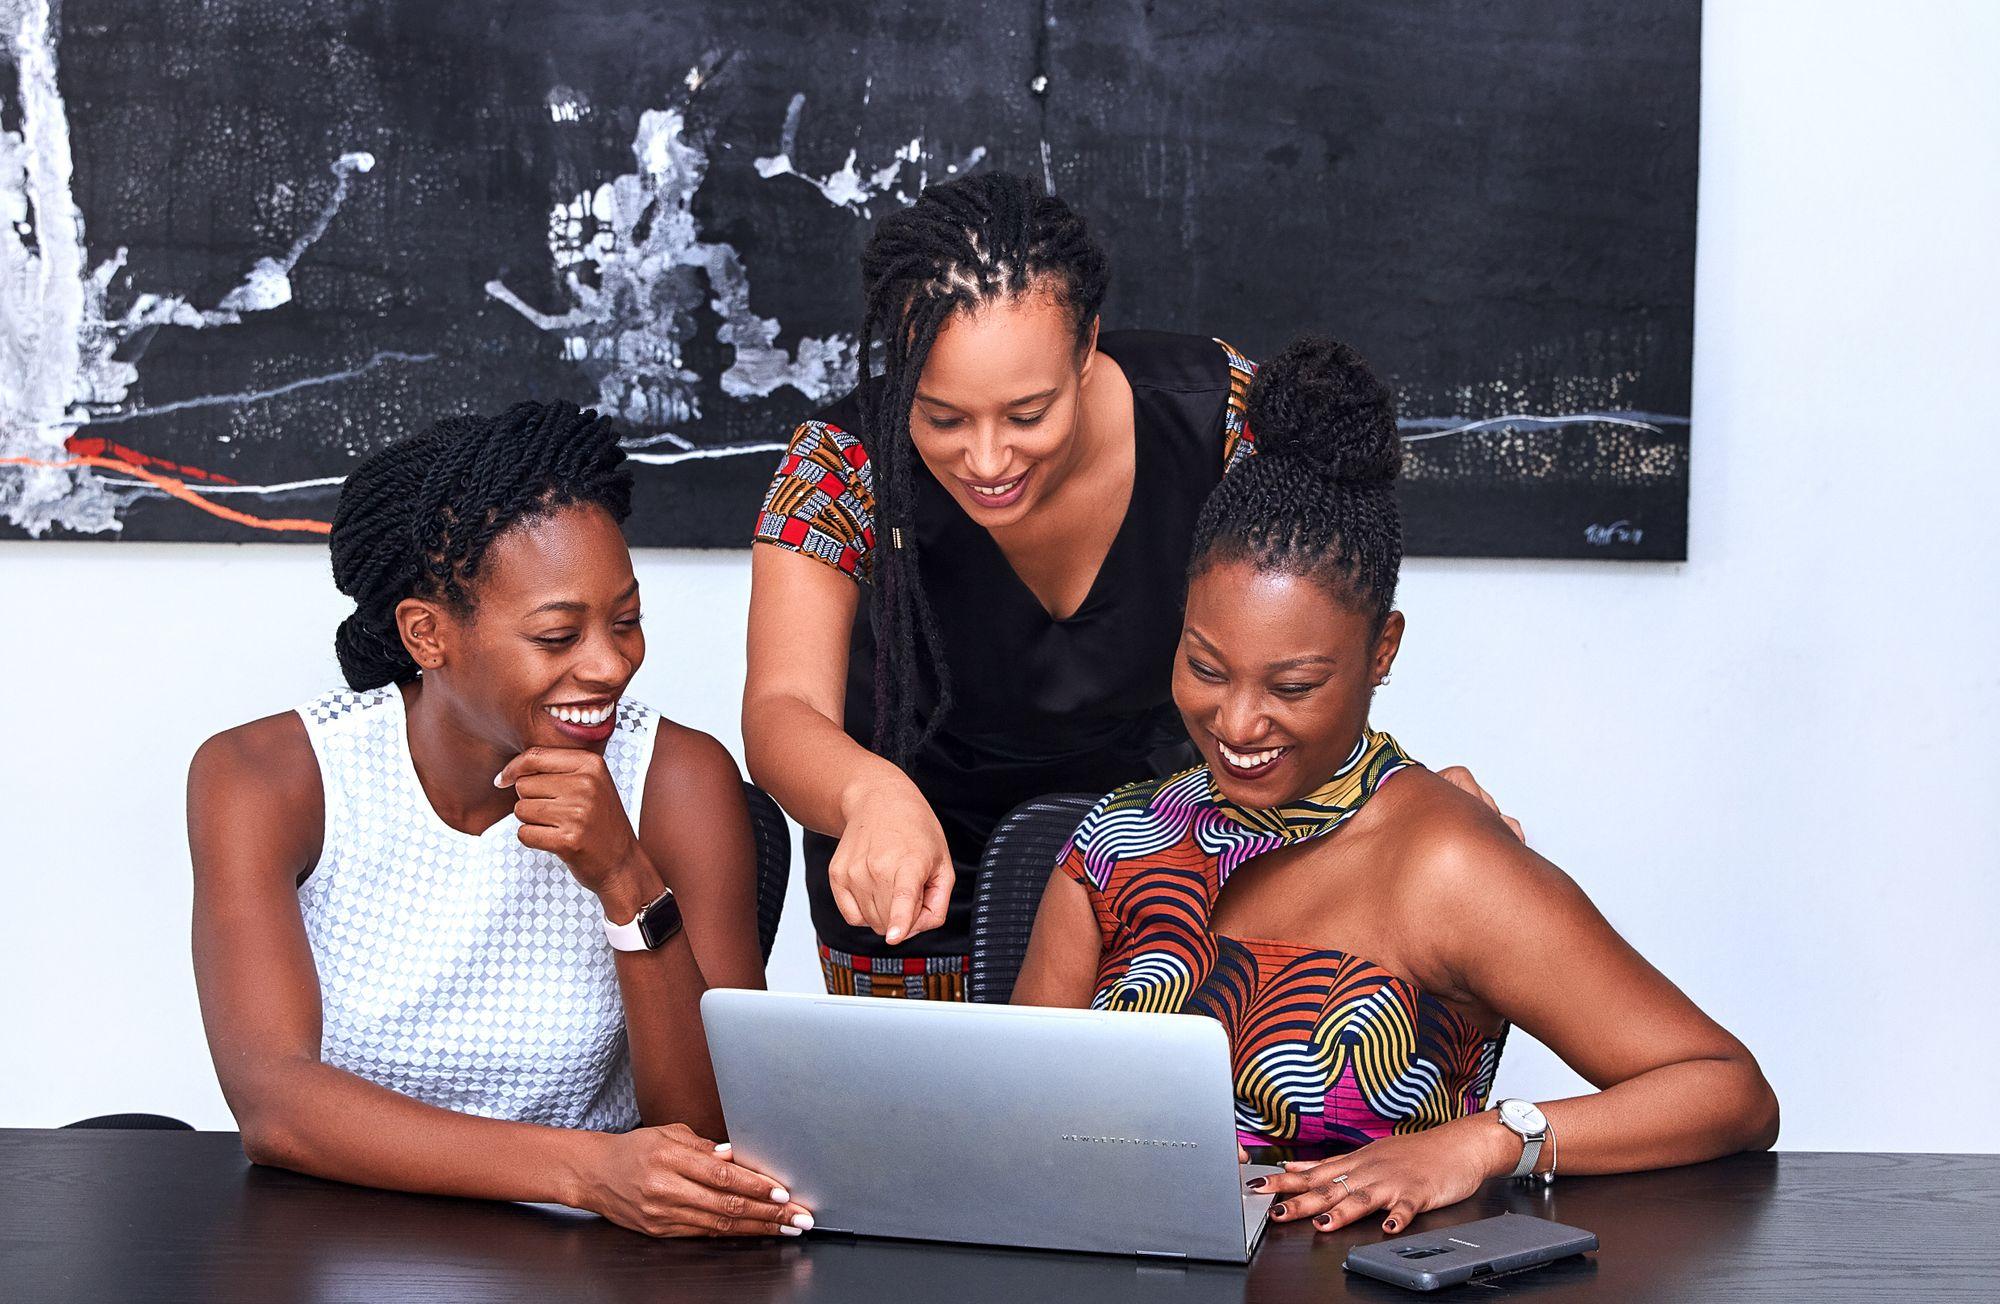 Três mulheres sorriem enquanto olham para notebook apoiado em mesa escura para ilustrar escolha por site de vaquinha. A primeira está sentada à esquerda e é negra de pele escura, com cabelo trançado preto para trás, usa vestido branco e olha para o notebook branco à sua frente. A segunda está em pé, é negra de pele clara, usa cabelo trançado solto, usa vestido preto com mangas vermelhas e aponta para a tela do mesmo notebook enquanto sorri. A terceira está sentada à esquerda, é negra de pele escura, com cabelo estilo coque, usa vestido de estampa colorida e sorri enquanto digita no mesmo notebook. O fundo é neutro, com parede branca e quadro preto.